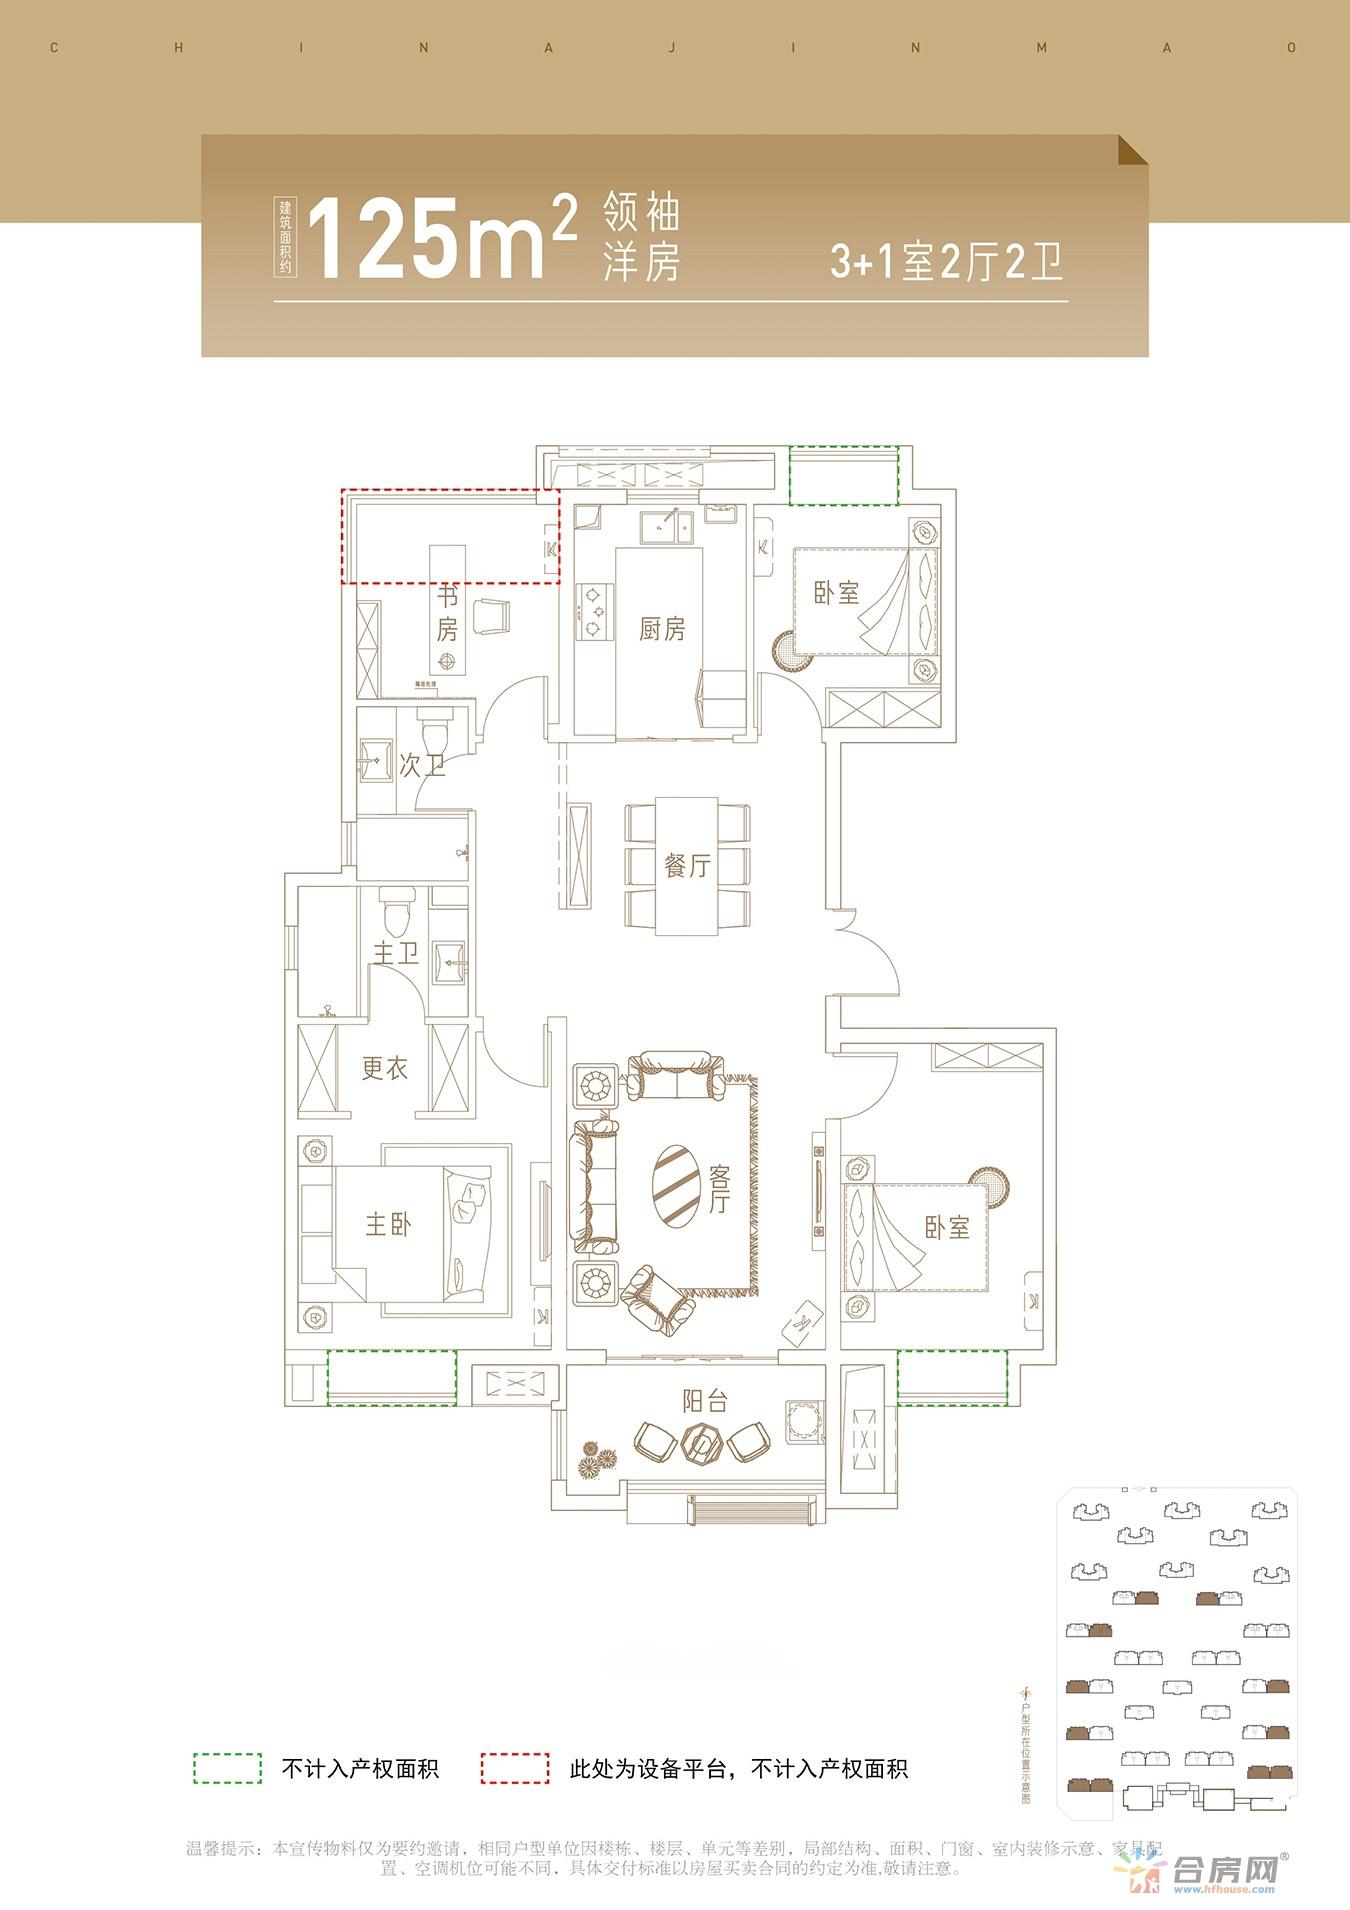 洋房125㎡,打造四室两厅一厨两卫,各个空间户型方正,后期空间利用率高;整个空间全明通透,双卧朝南,并且均自带飘窗,主卧自带衣帽间和卫浴空间,私密性较好。